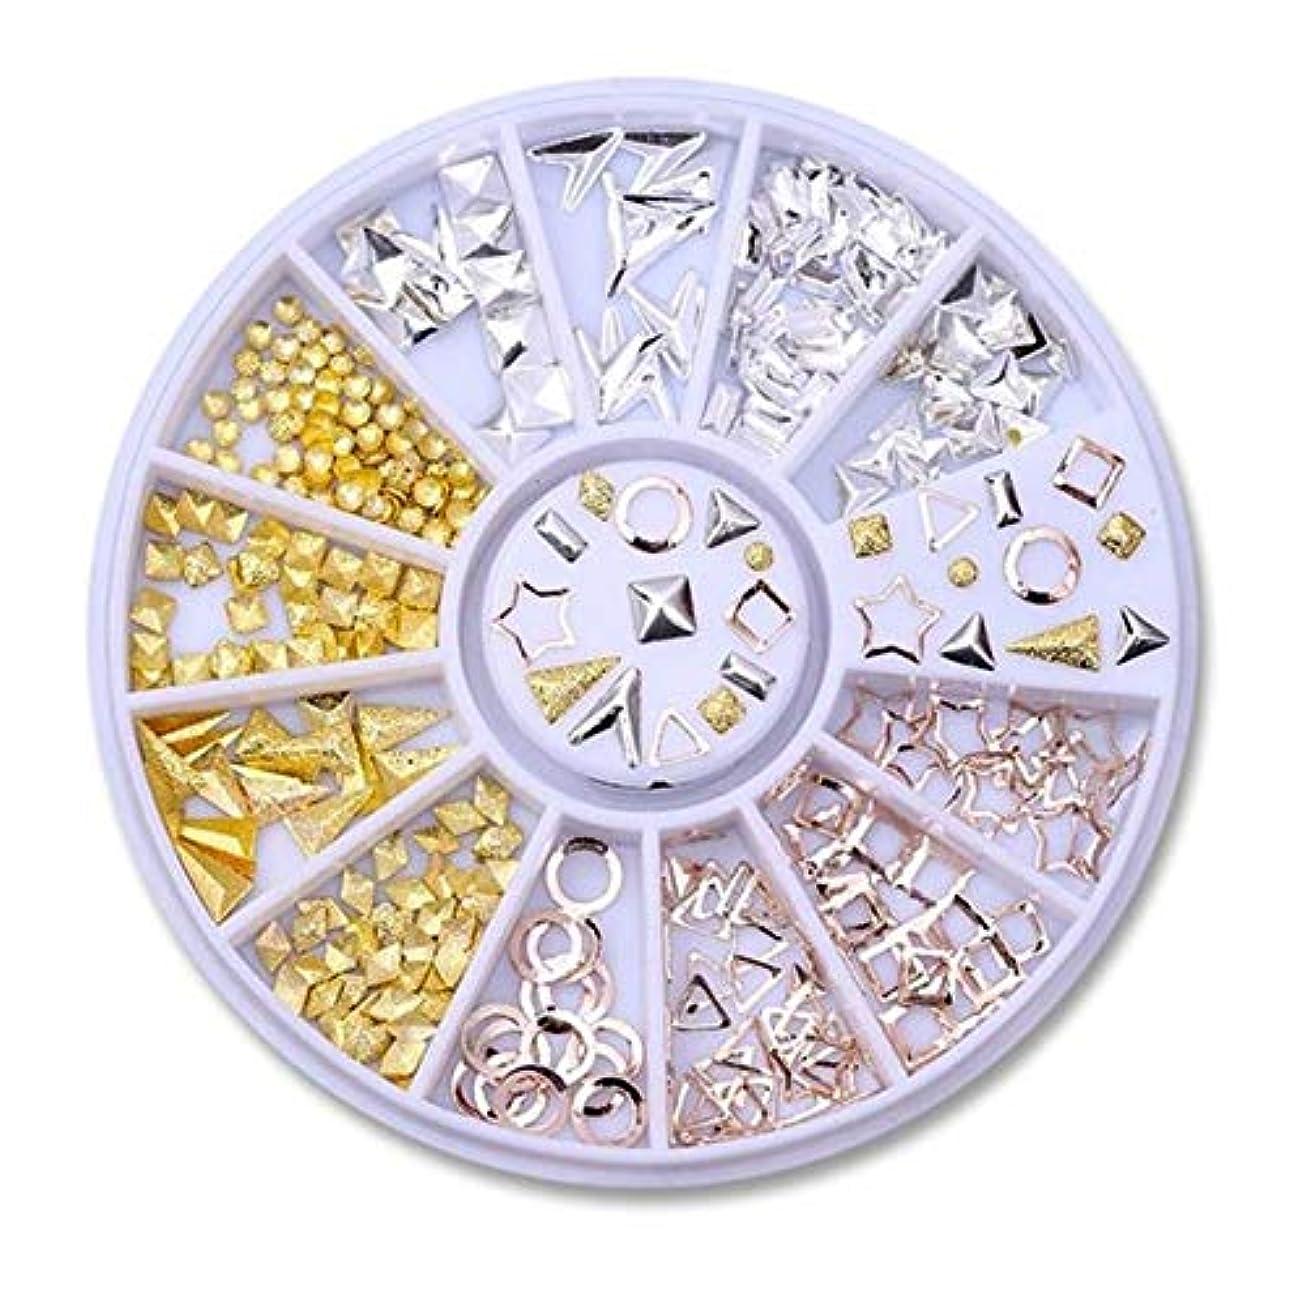 謎グッゲンハイム美術館ハイランドネイルラインストーンの小さな不規則なビーズマニキュア3Dネイルアートの装飾の輪,29